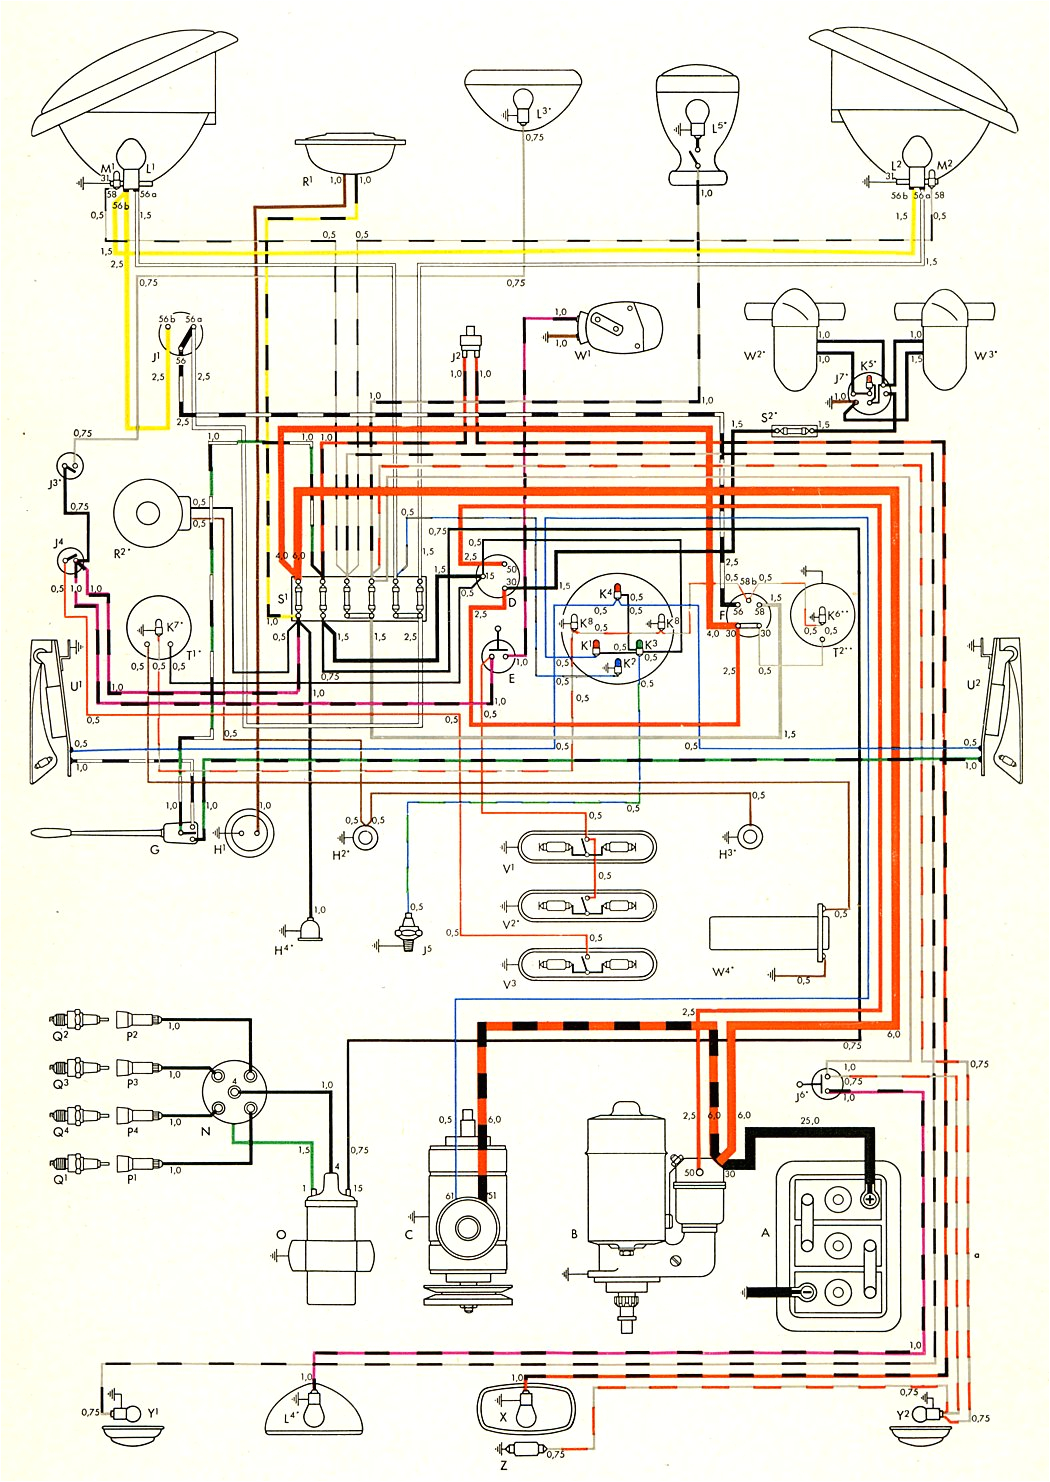 1957 nov 1957 turn signal wiring